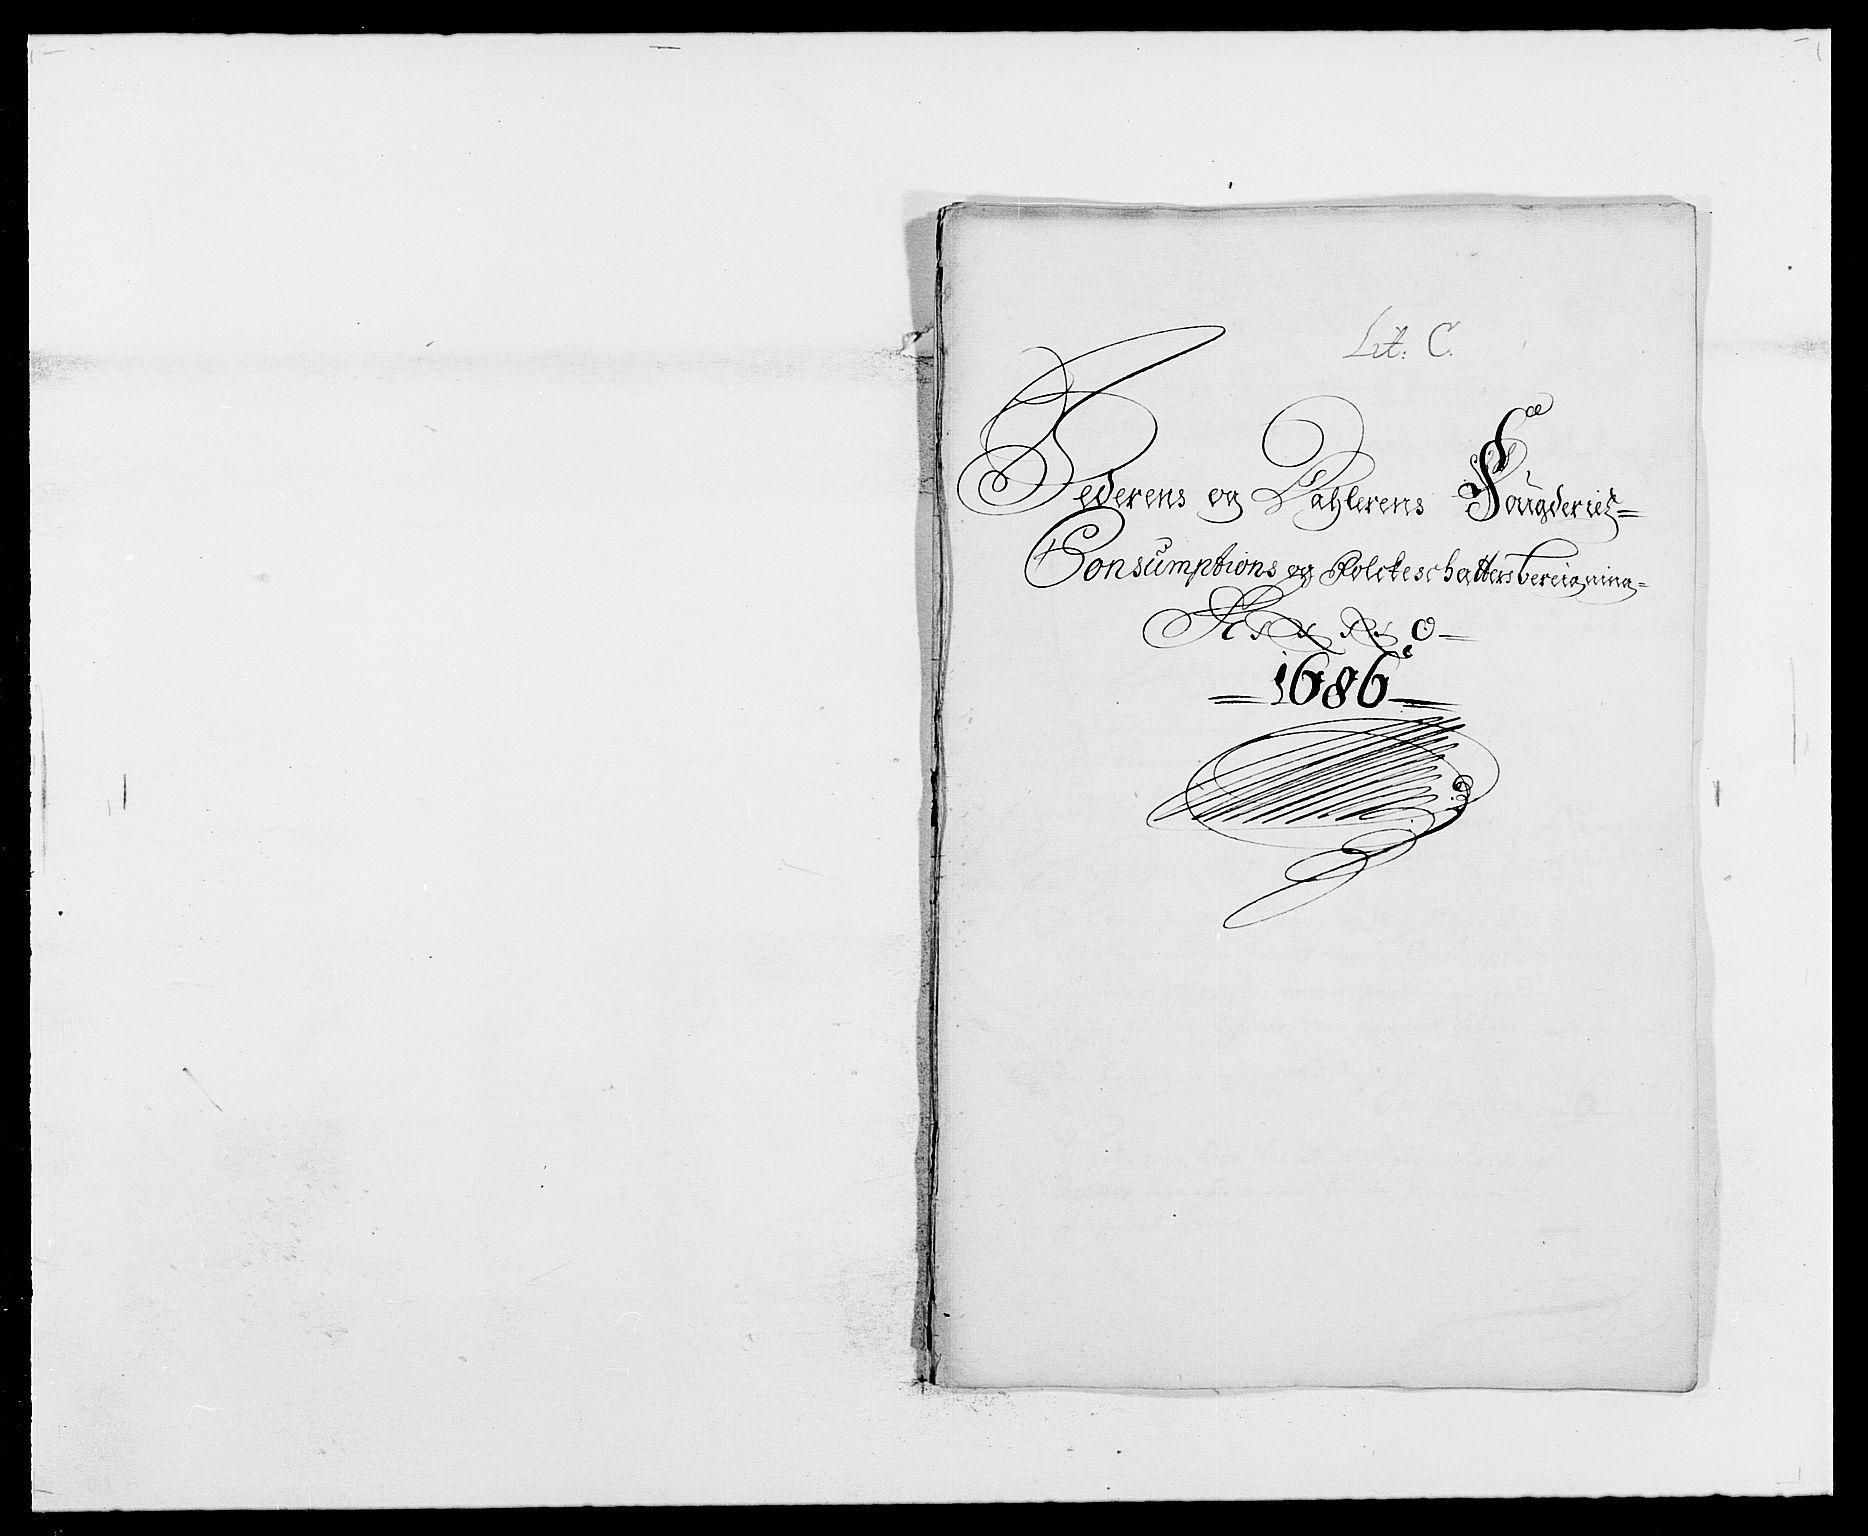 RA, Rentekammeret inntil 1814, Reviderte regnskaper, Fogderegnskap, R46/L2726: Fogderegnskap Jæren og Dalane, 1686-1689, s. 44